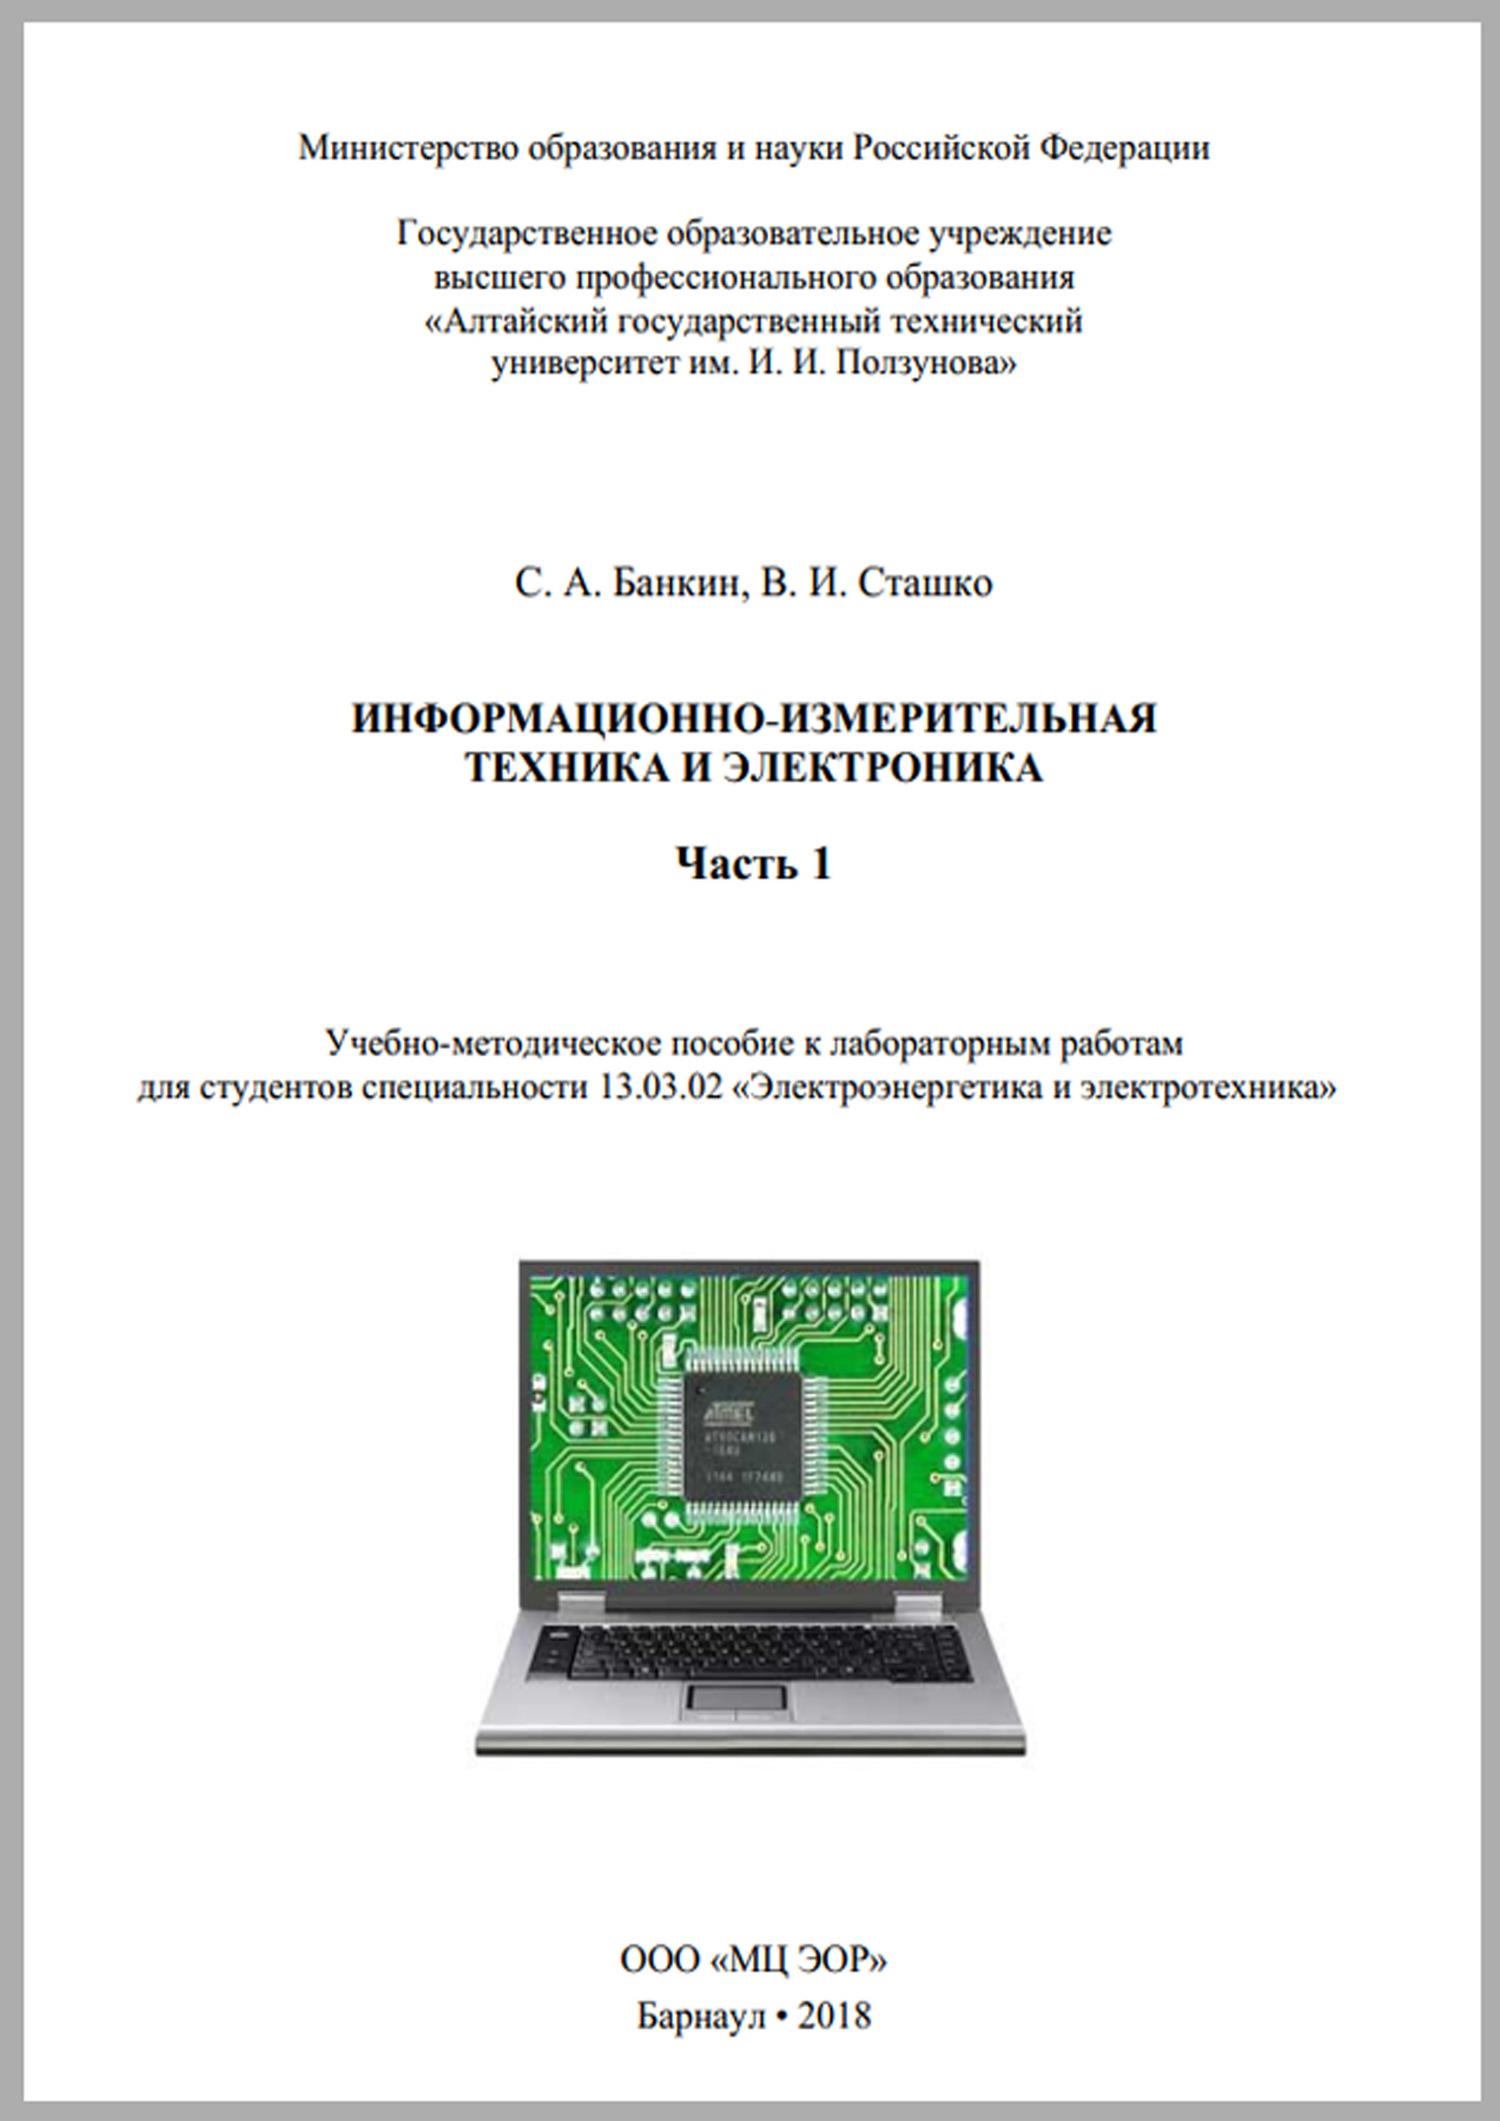 В. И. Сташко Информационно-измерительная техника и электроника. Часть 1